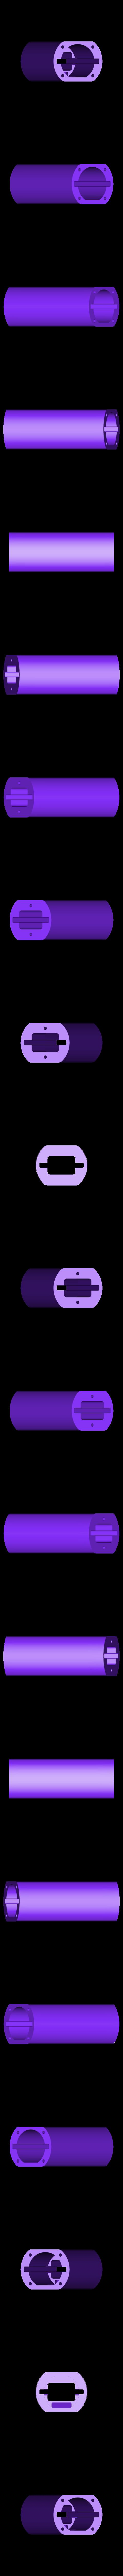 TAZER_V2_B.stl Download free STL file TAZER V2 • 3D printable object, MuSSy